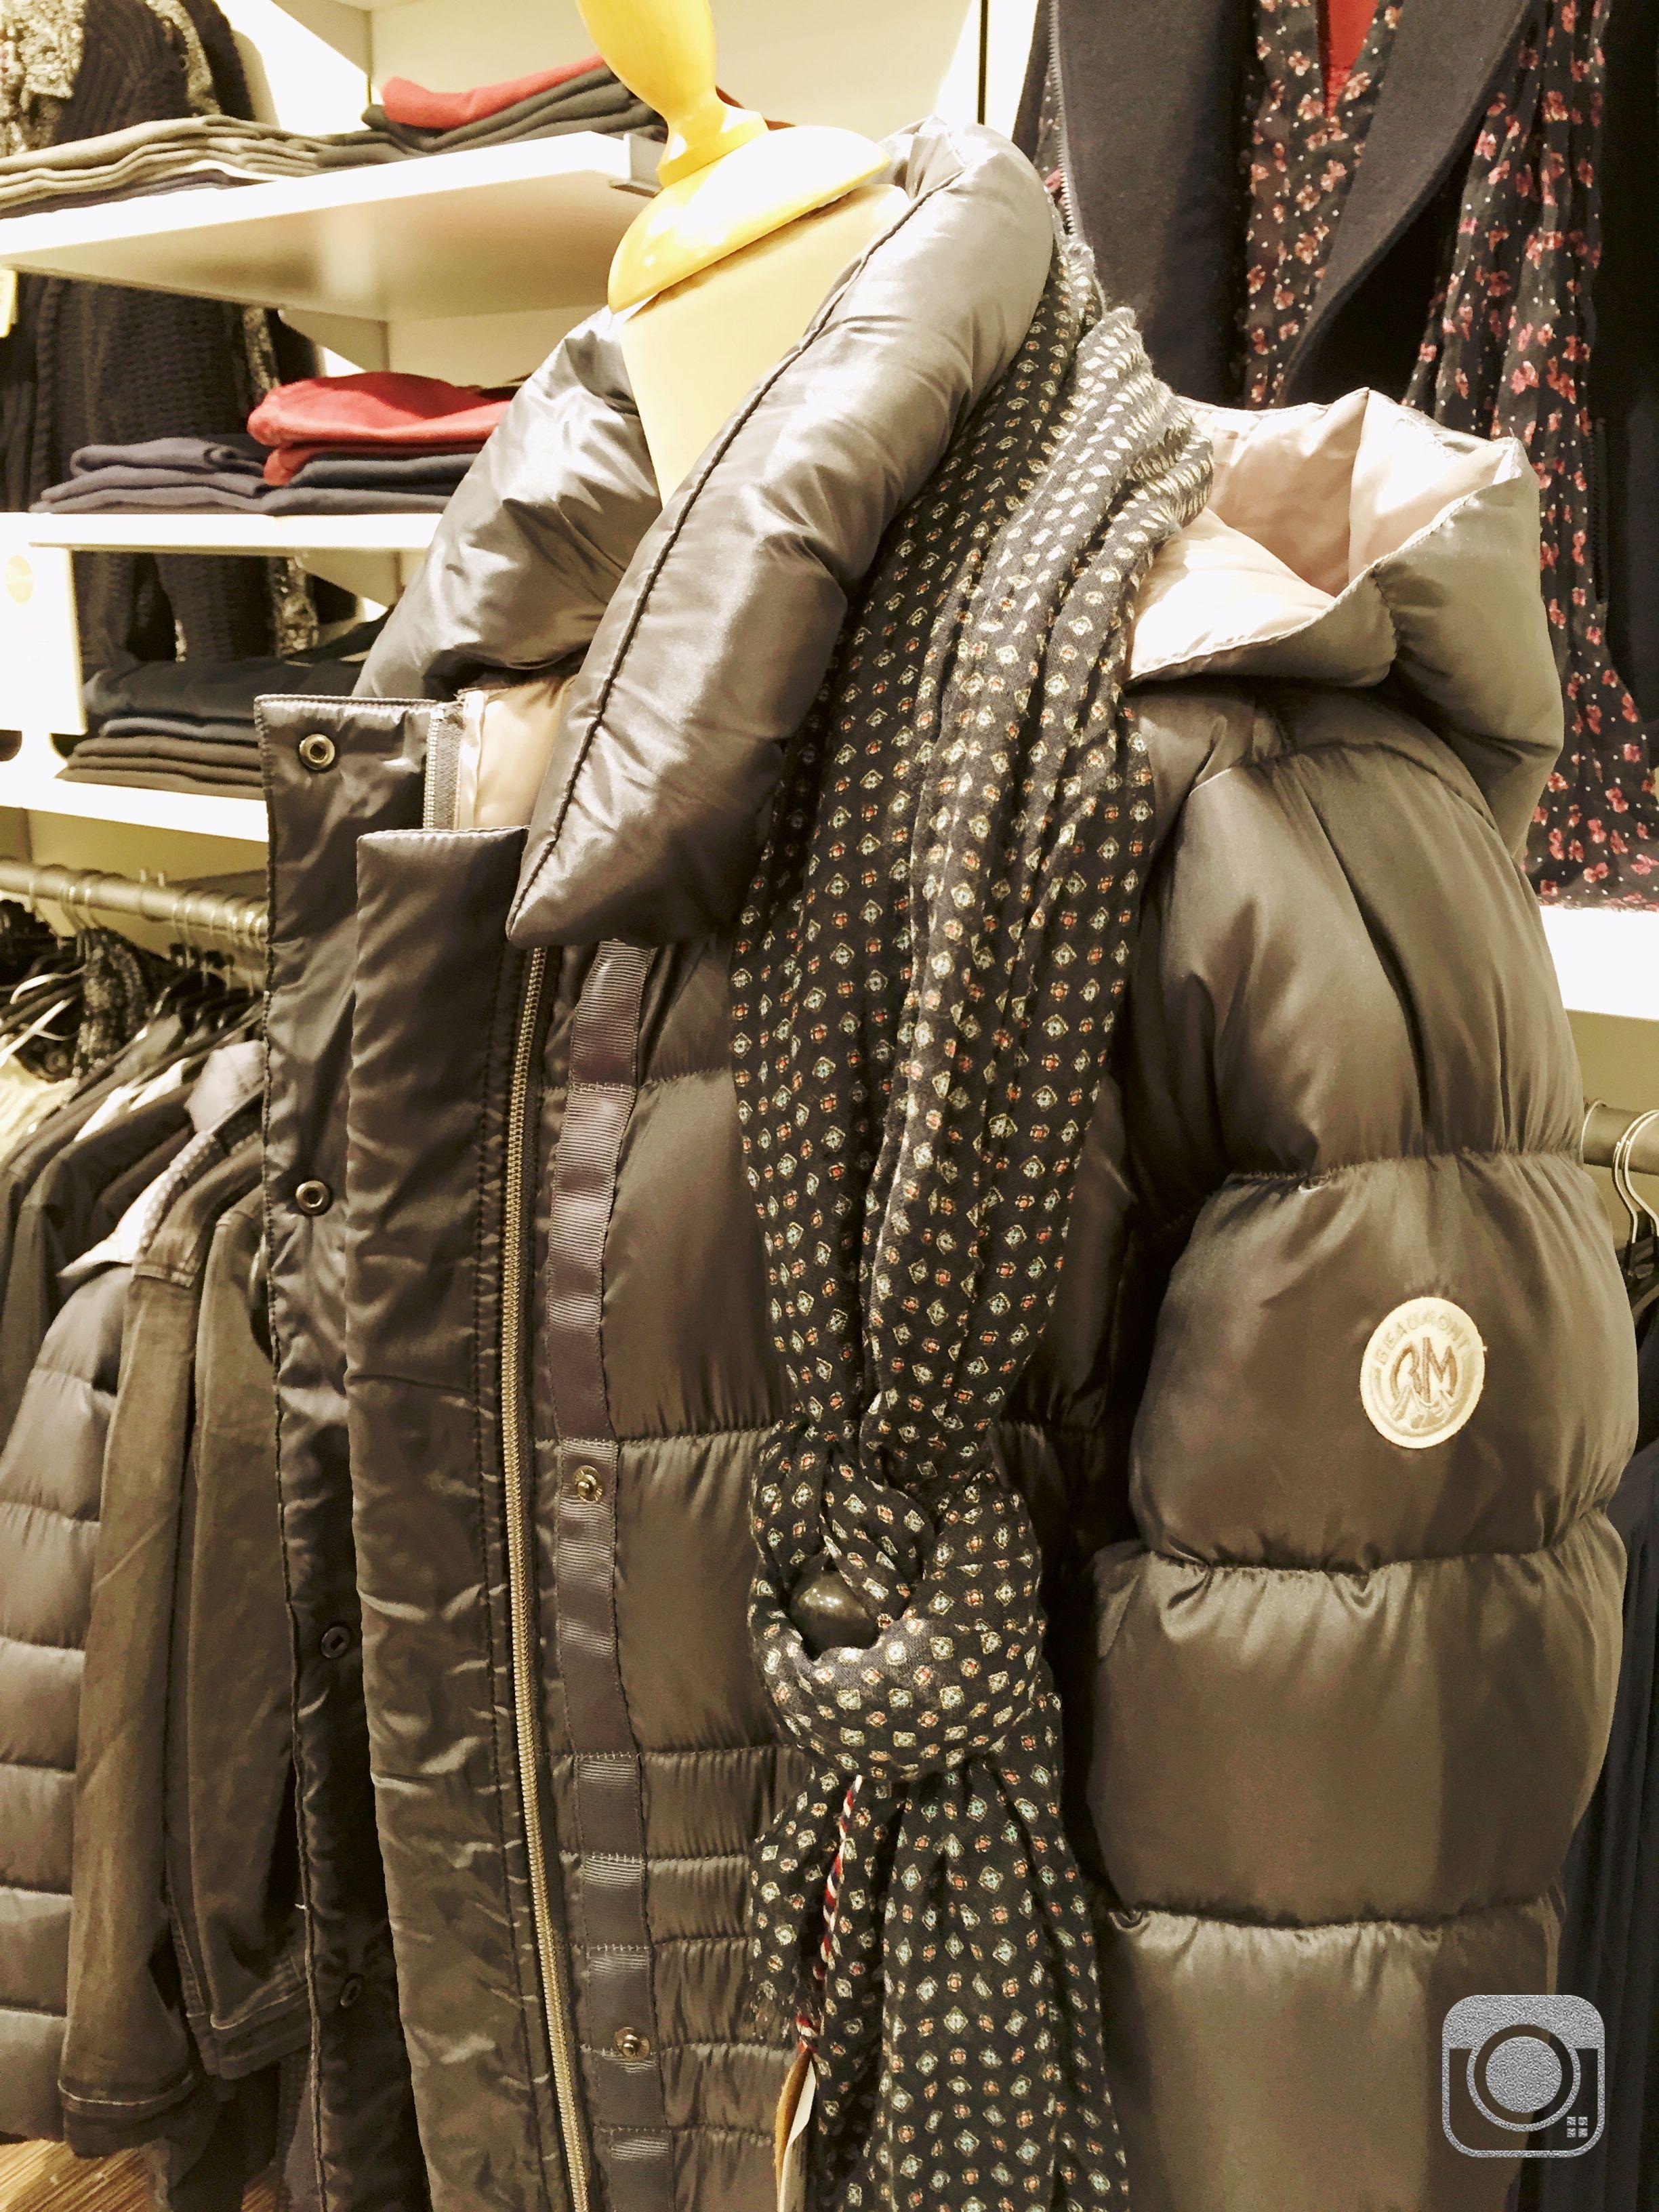 doudoune grise Beaumont #doudoune #beaumont | Les manteaux